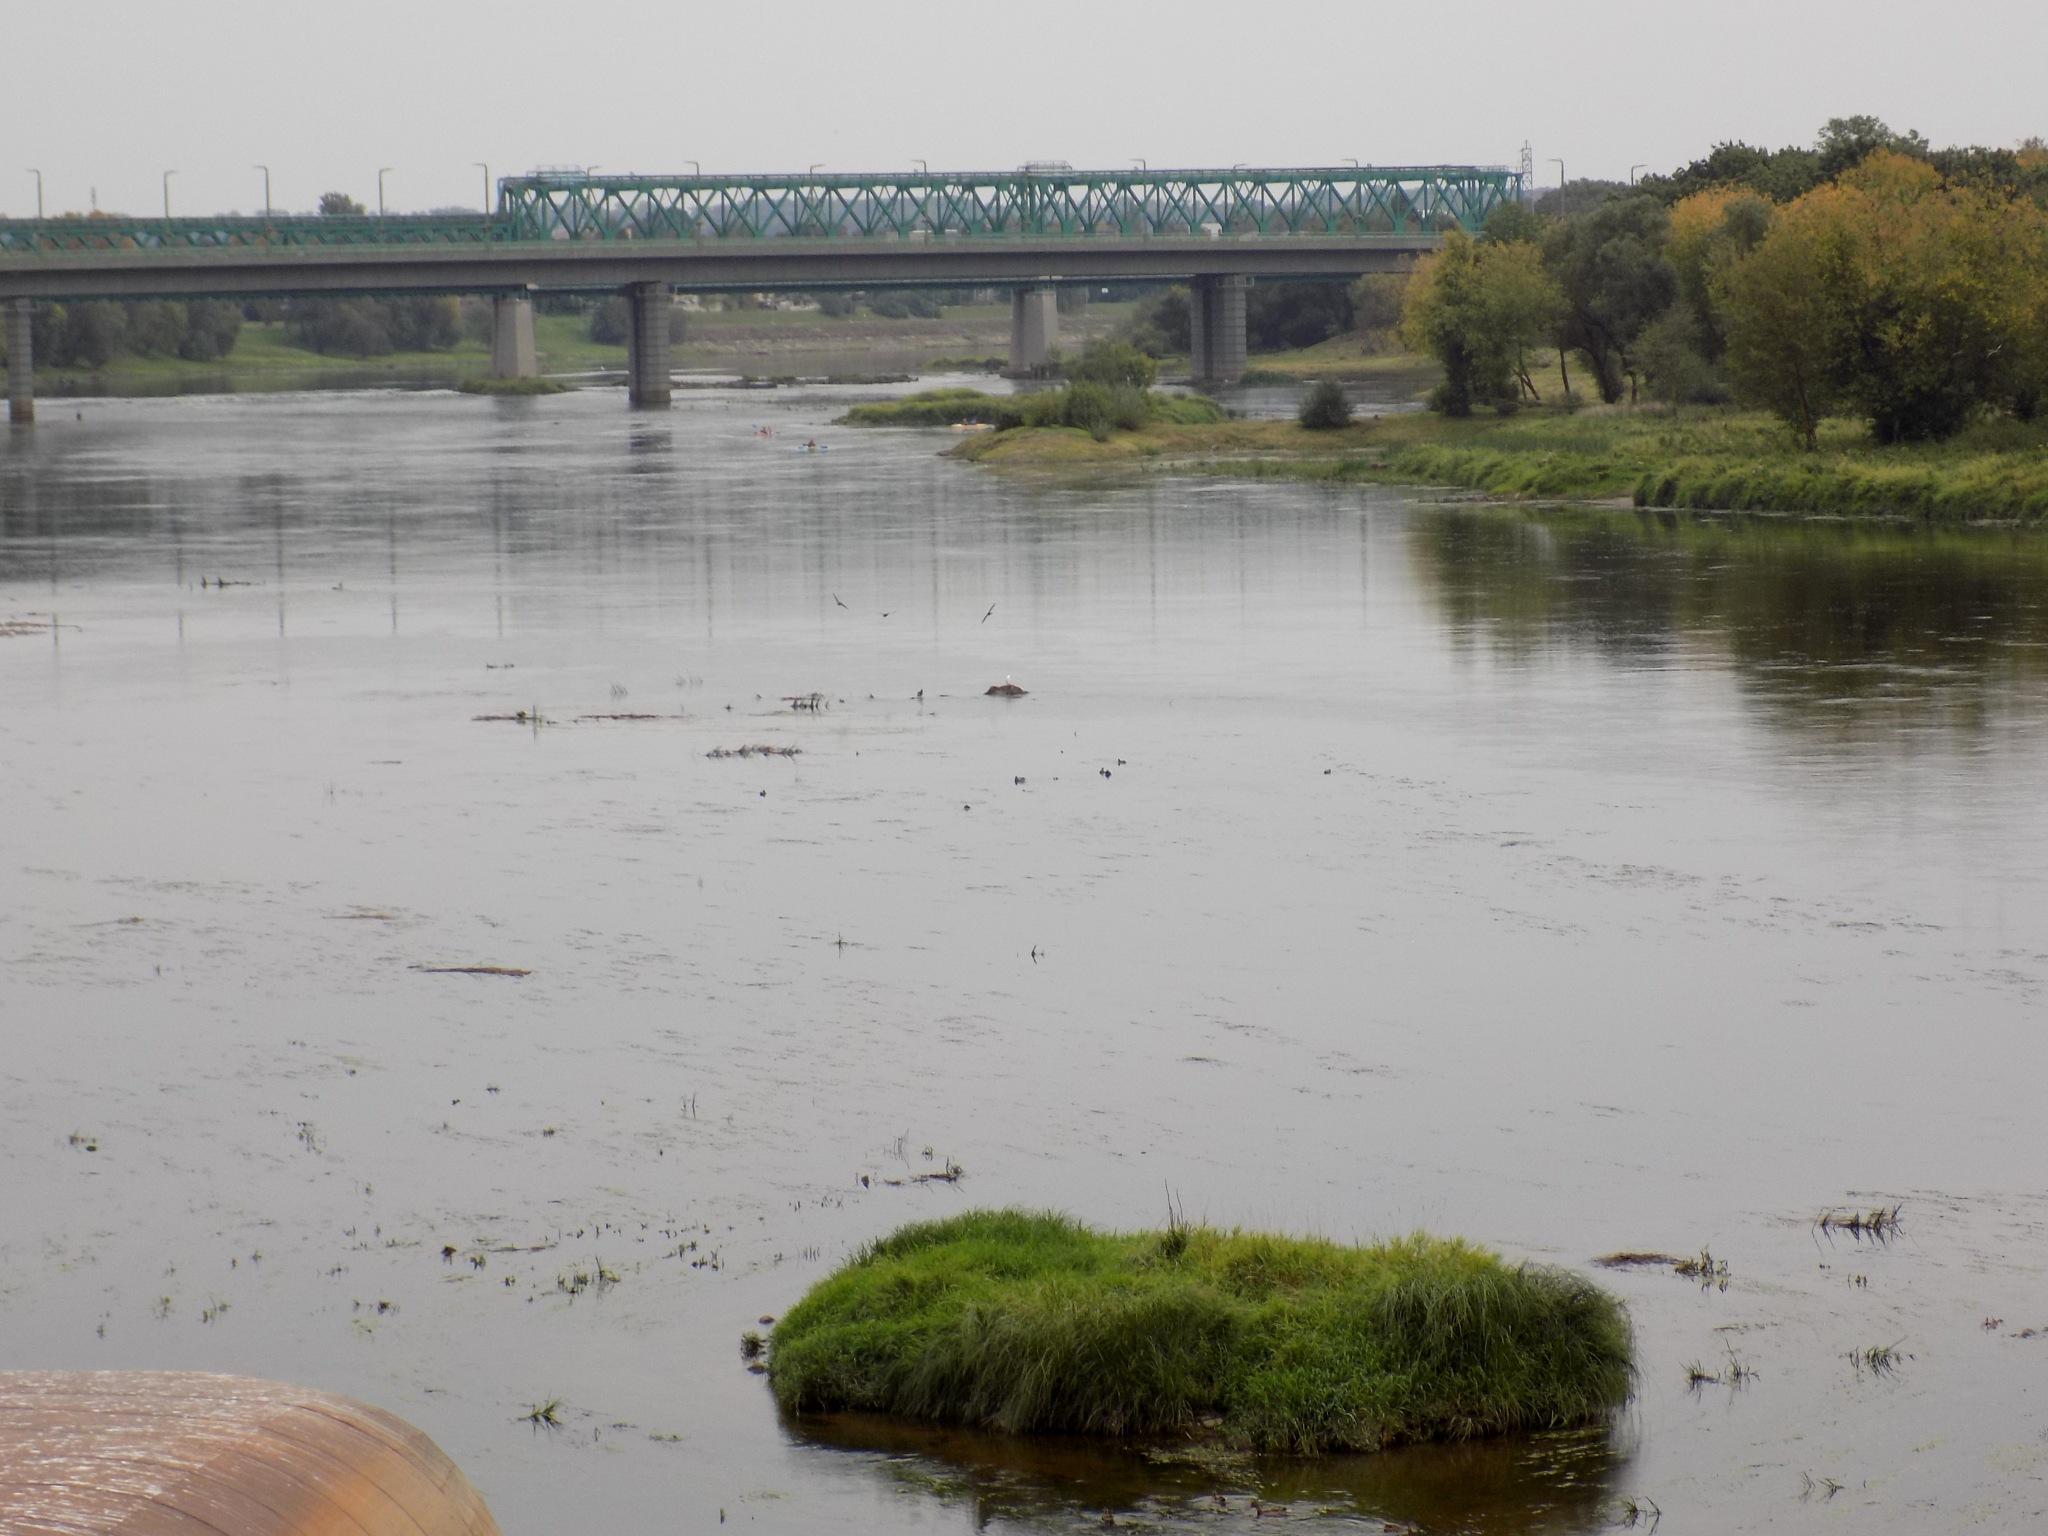 River Nemunas by uzkuraitiene62